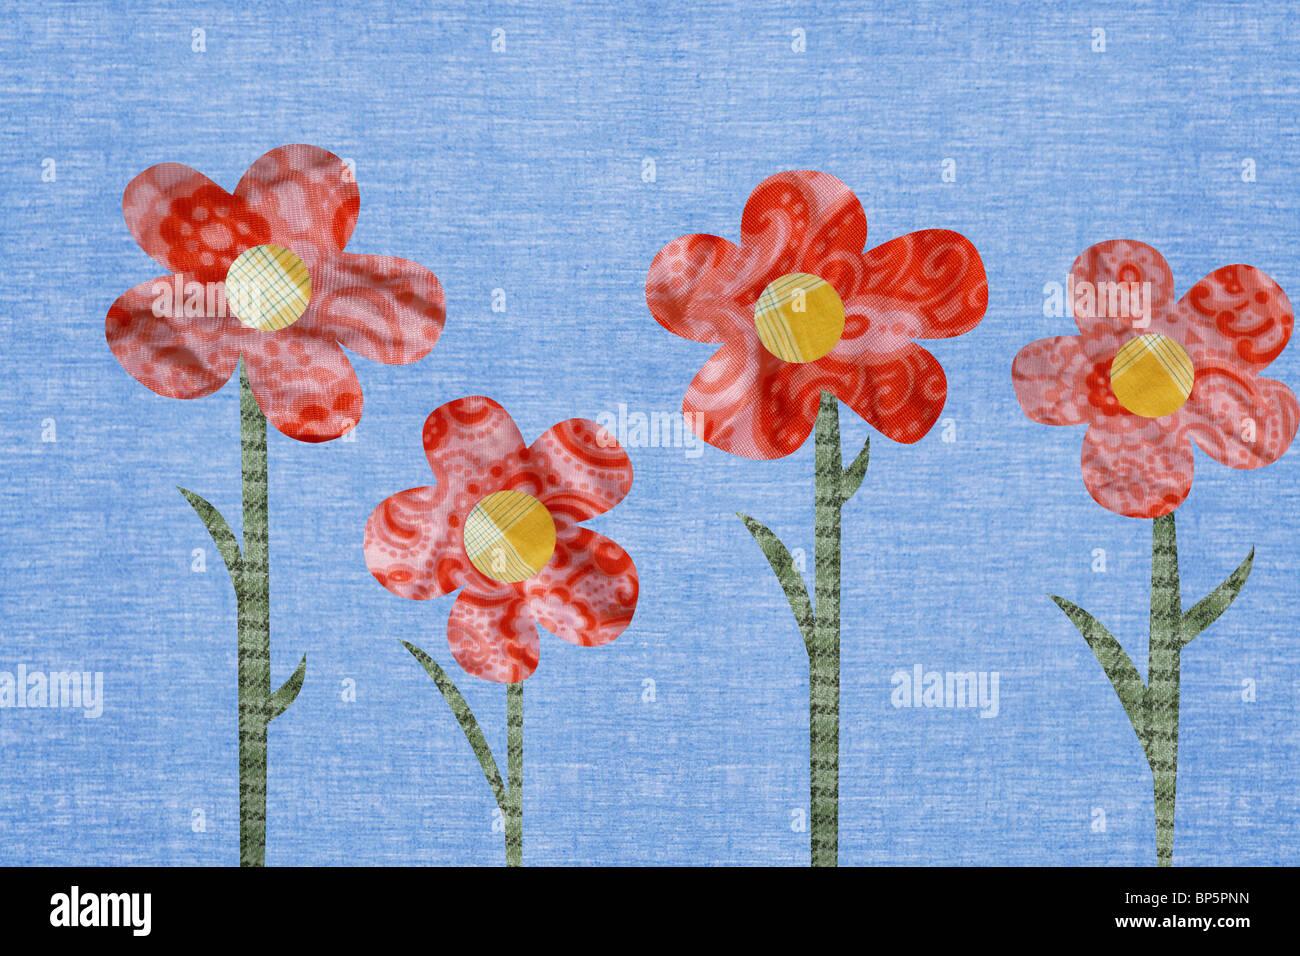 Fiori contro sfondo blu Immagini Stock